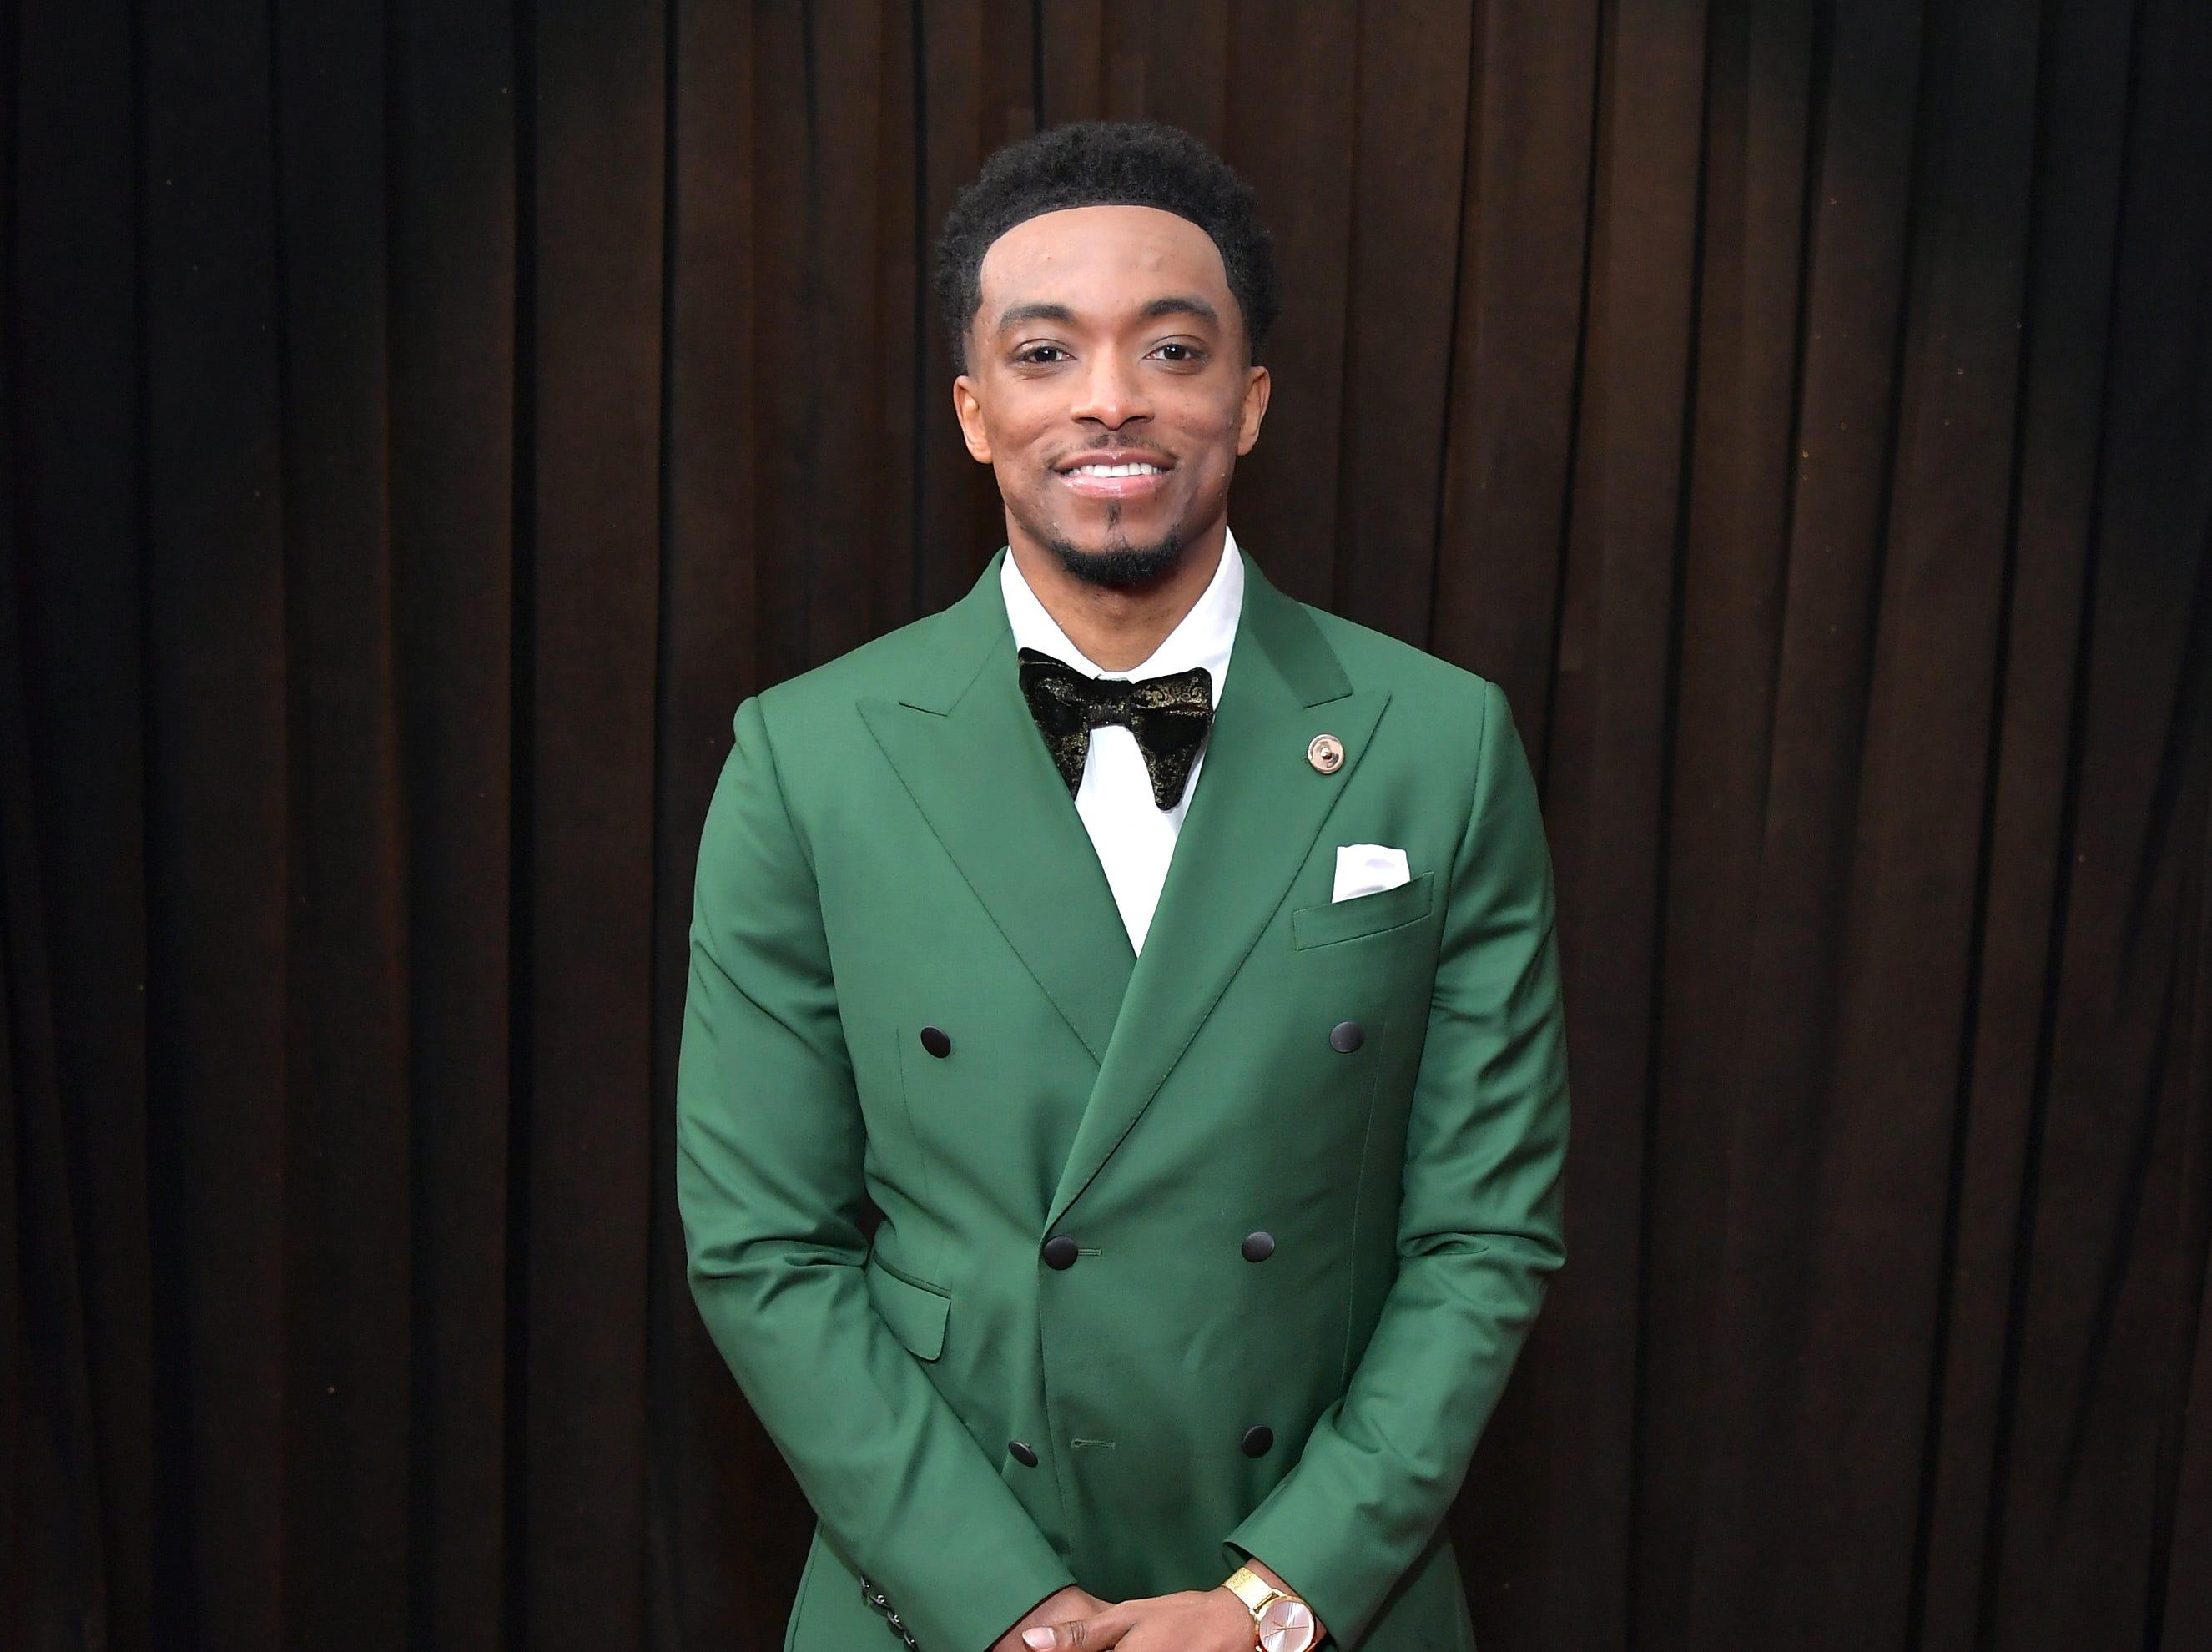 Jonathan McReynolds asiste a la 61ª edición de los premios GRAMMY en el Staples Center el 10 de febrero de 2019 en Los Ángeles, California.